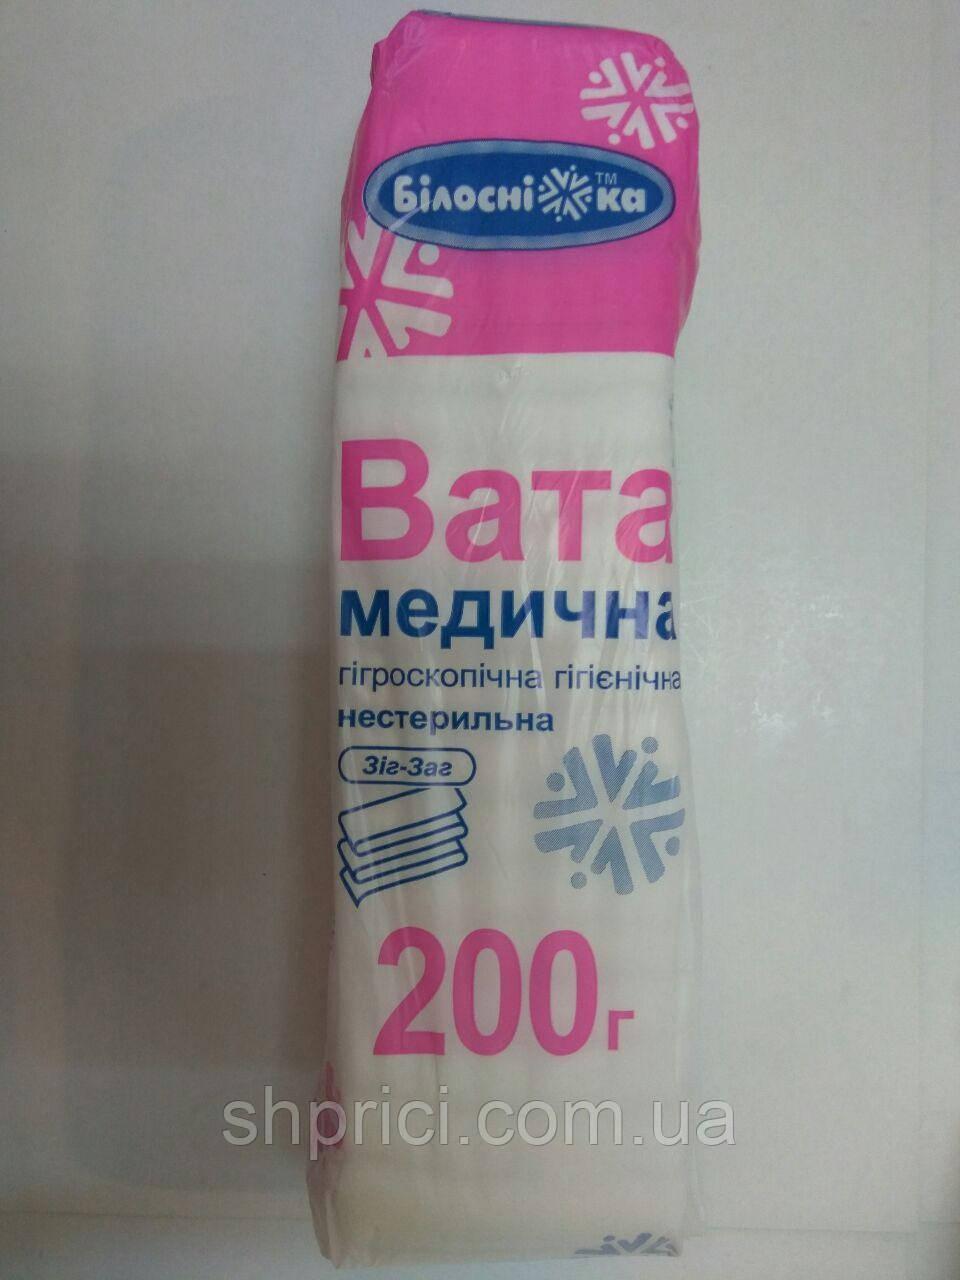 Вата 200 г нестерильная зигзаг/ Белоснежка/ Укрмедтекстиль